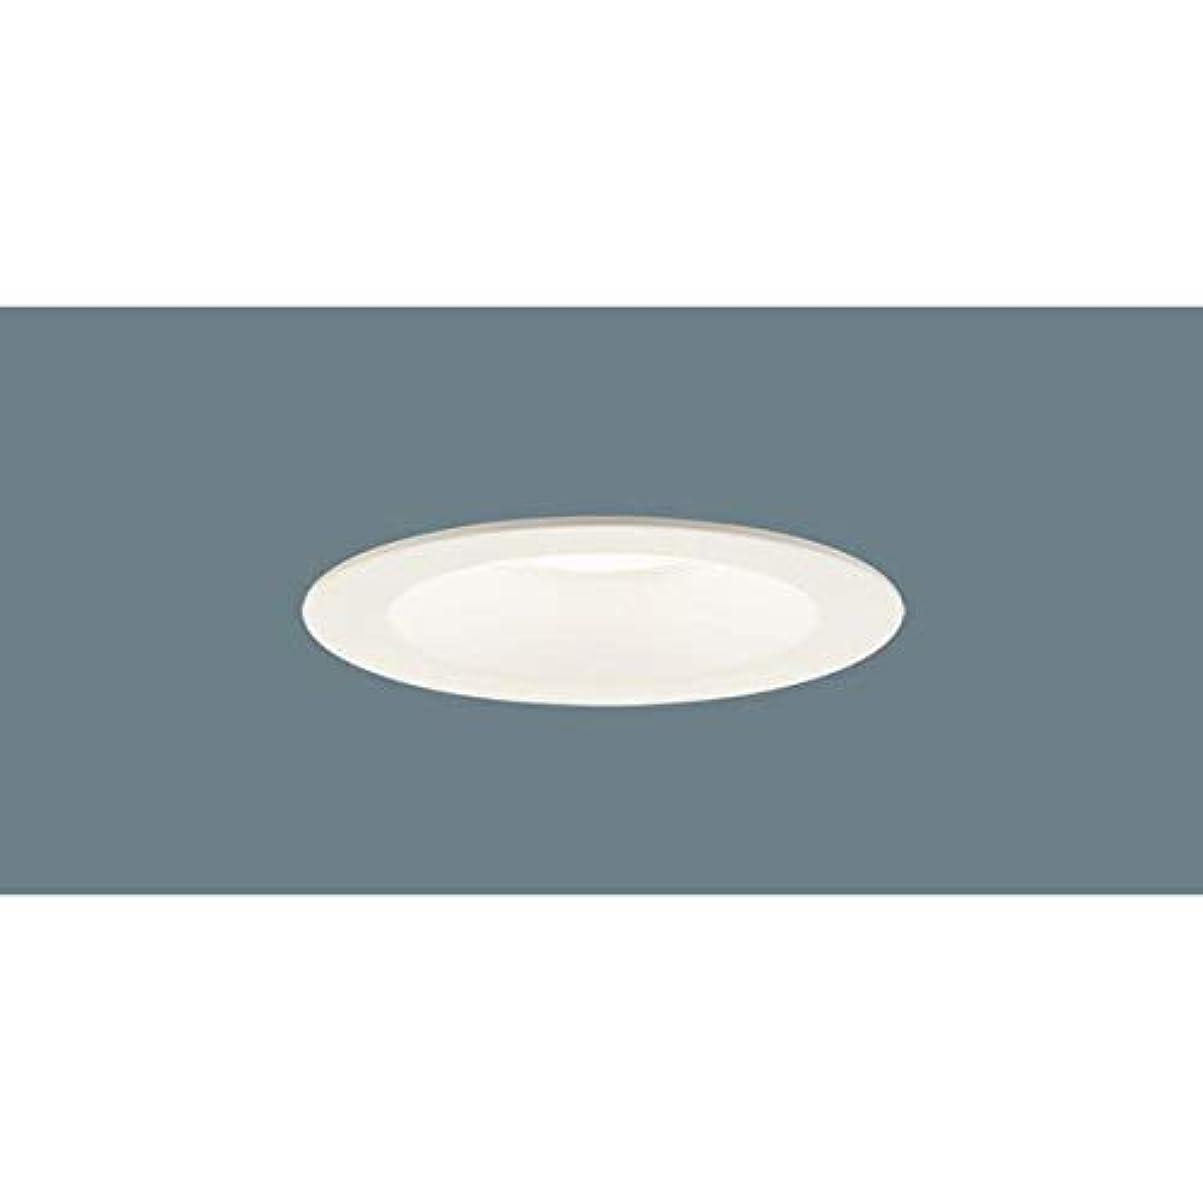 設計バトルブラストPANASONIC LGD6220VLE1 [天井埋込型 LED(温白色) ダウンライト 浅型8H?高気密SB形?ビーム角24度?集光タイプ 埋込穴φ125 白熱電球200形1灯器具相当]